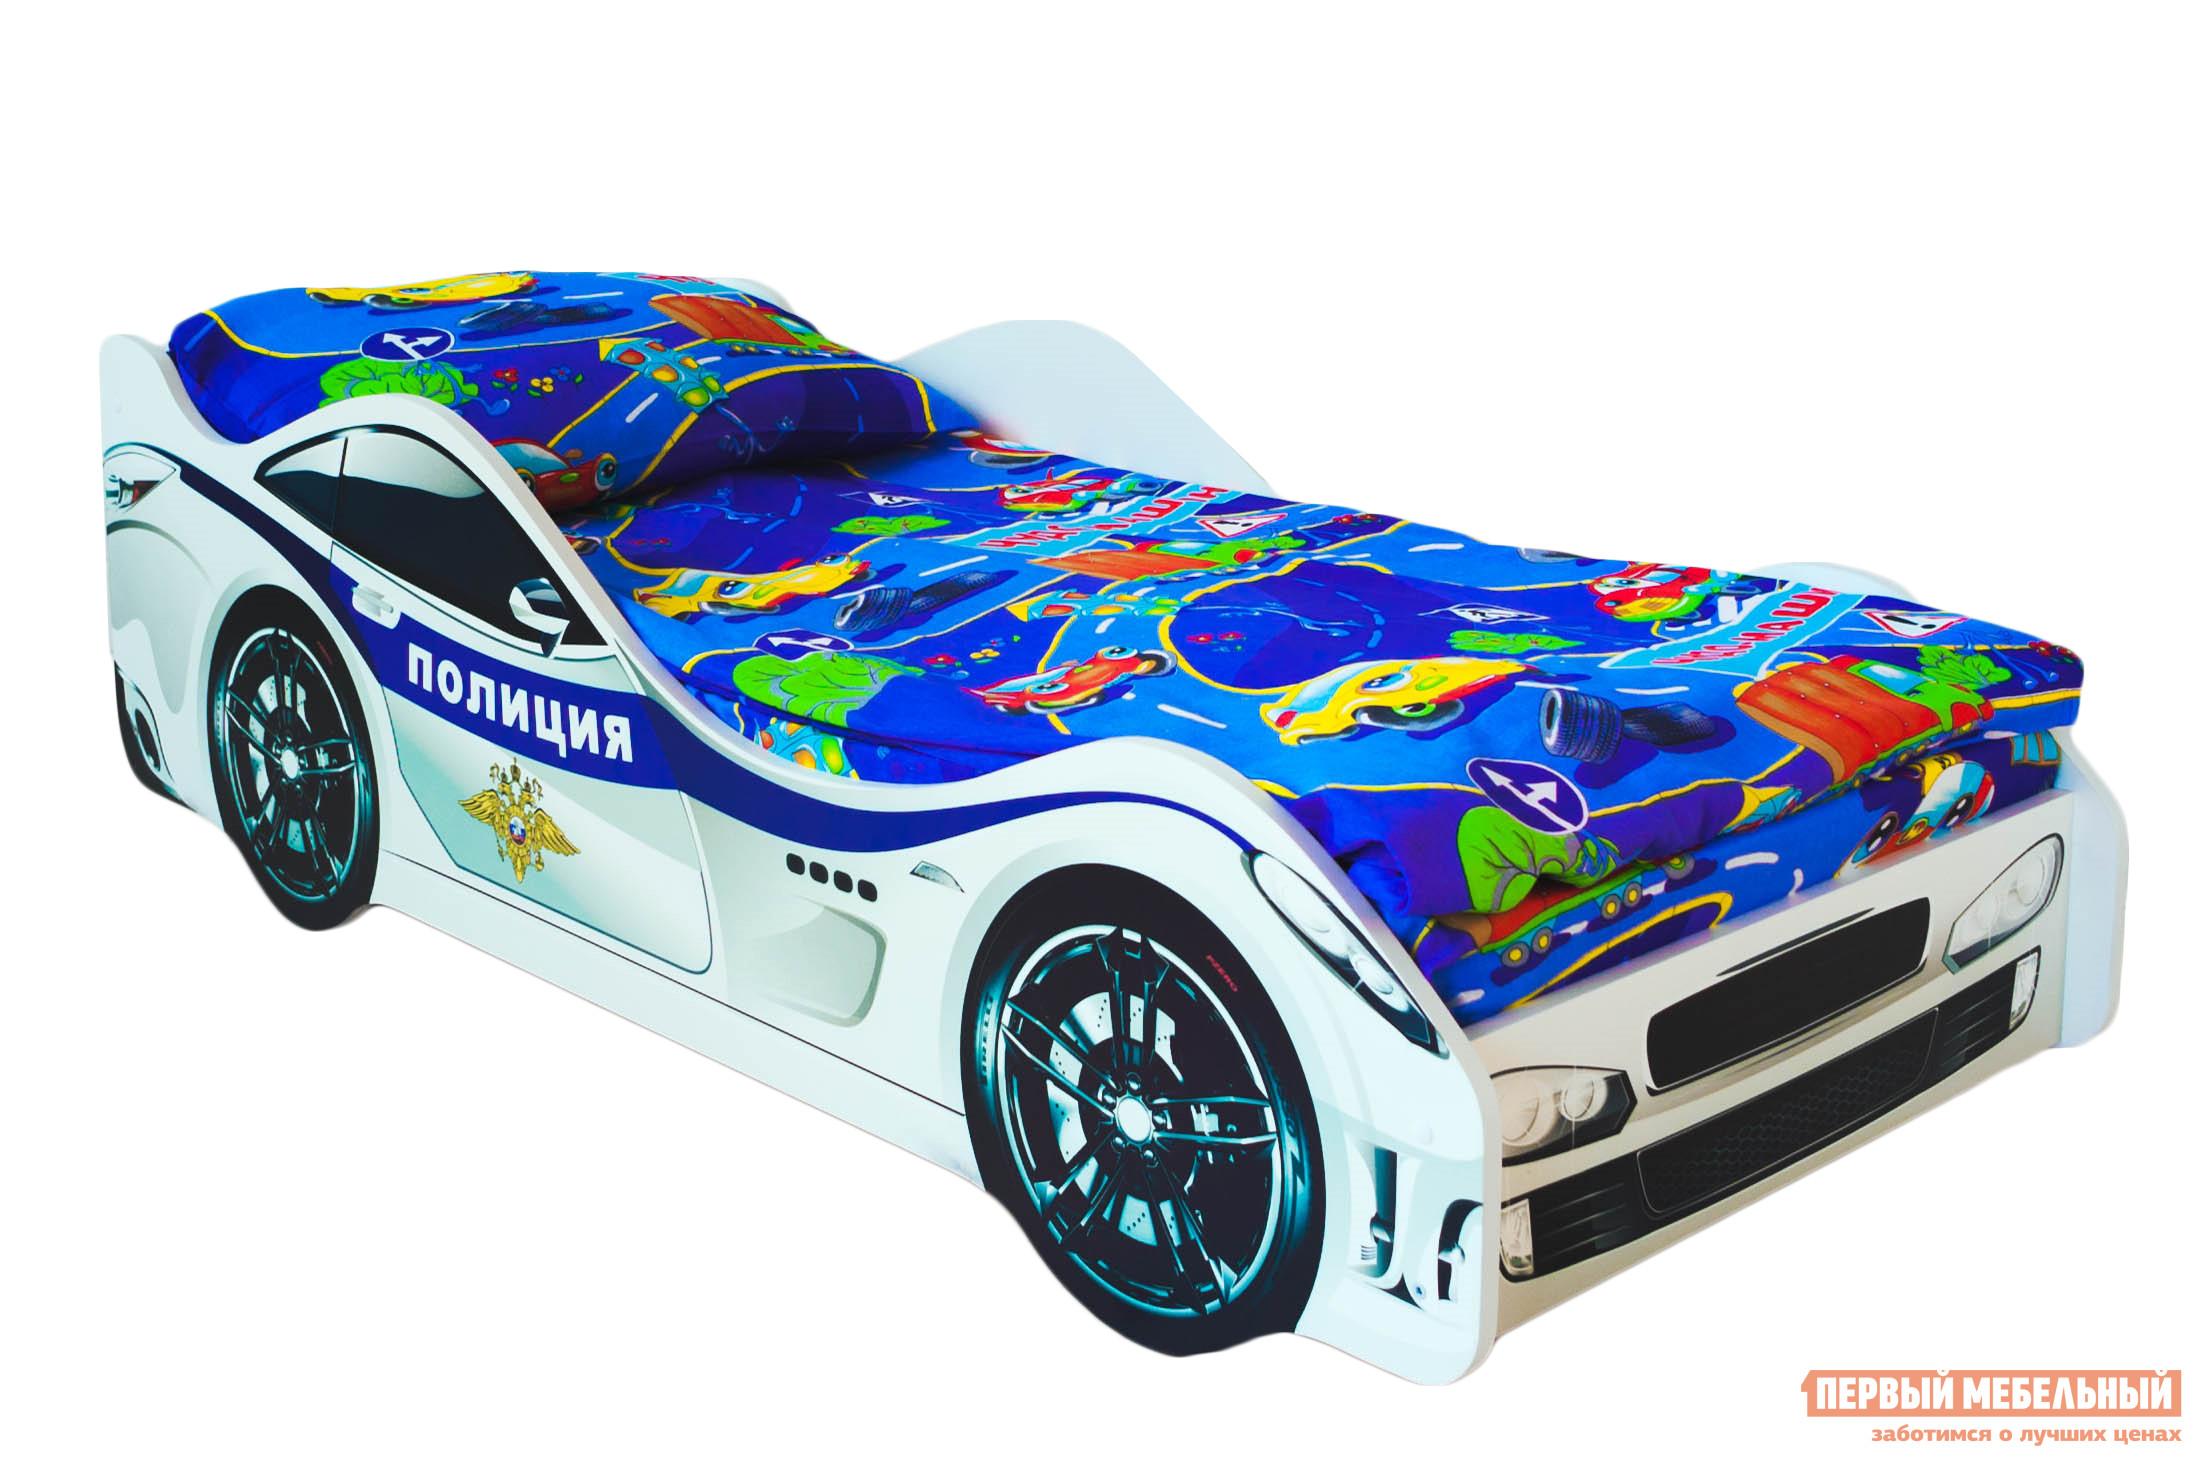 Детская кровать-машина от 3 лет Бельмарко Полиция